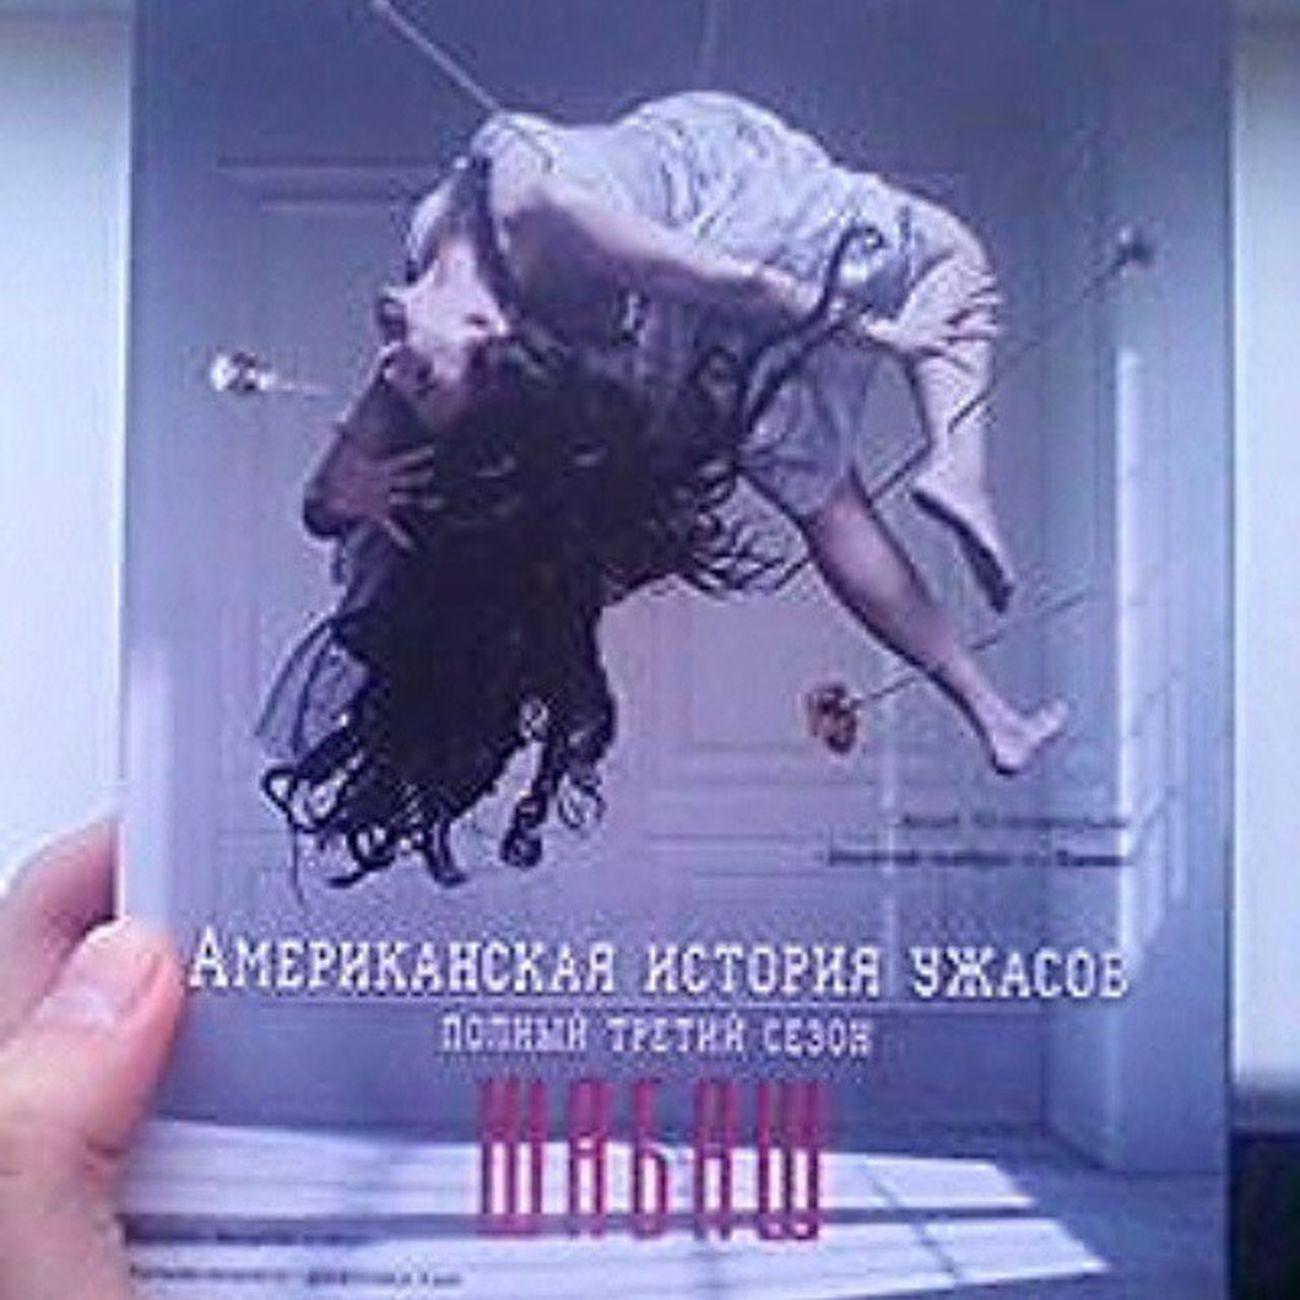 диск сериала Американская история ужасов 3 сезон Шабаш